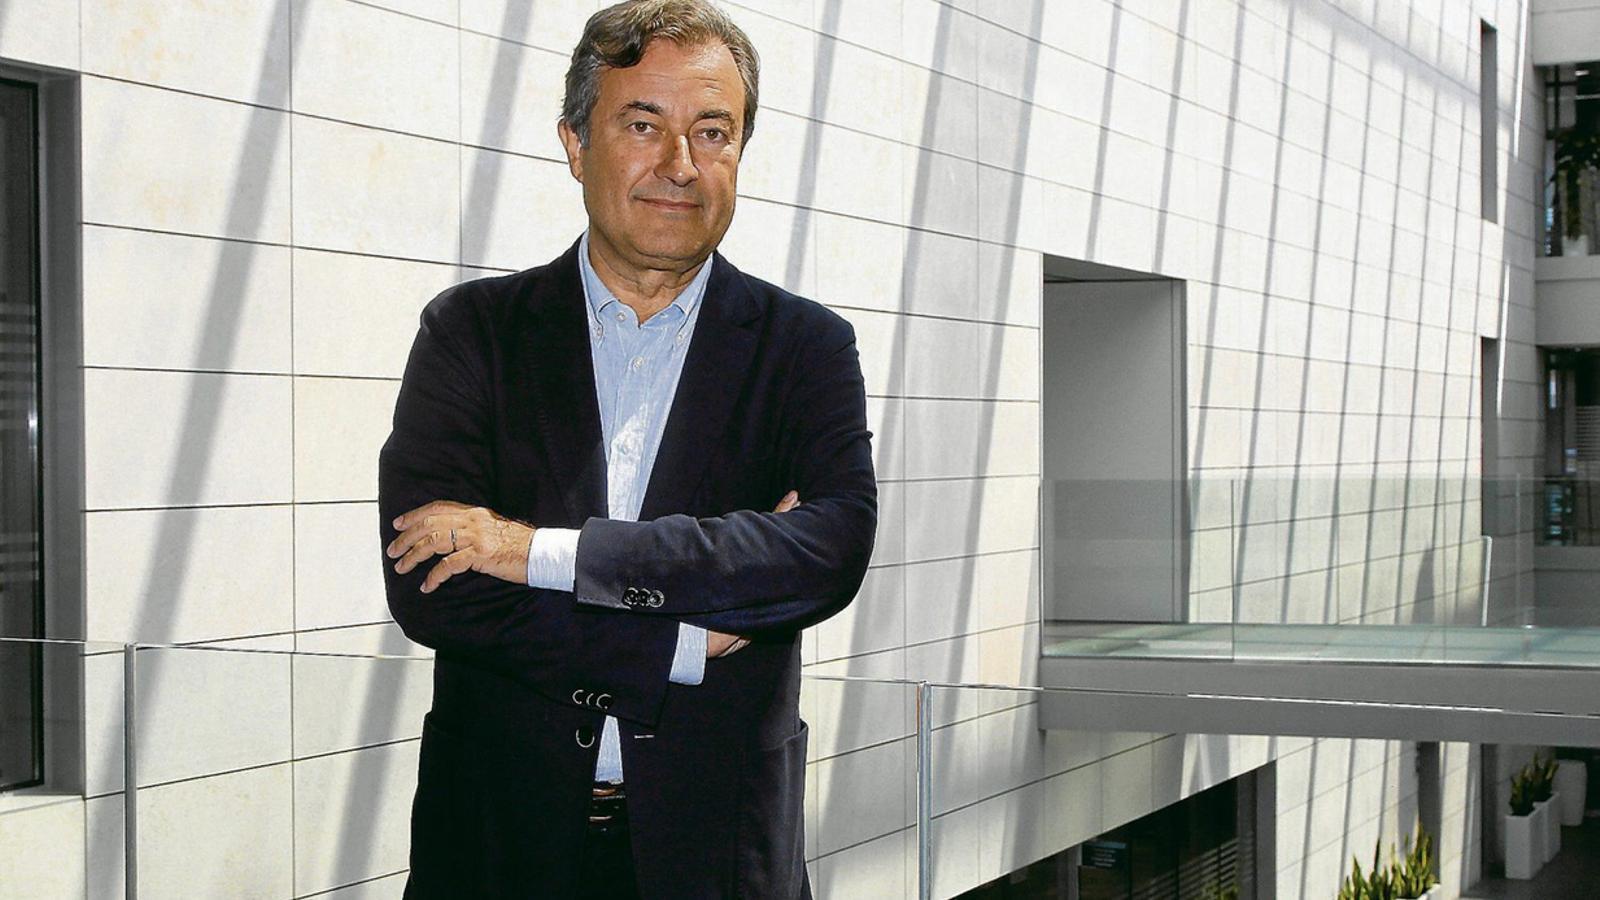 L'encara president de l'Autoritat Portuària de Balears, Joan Gual de Torrella